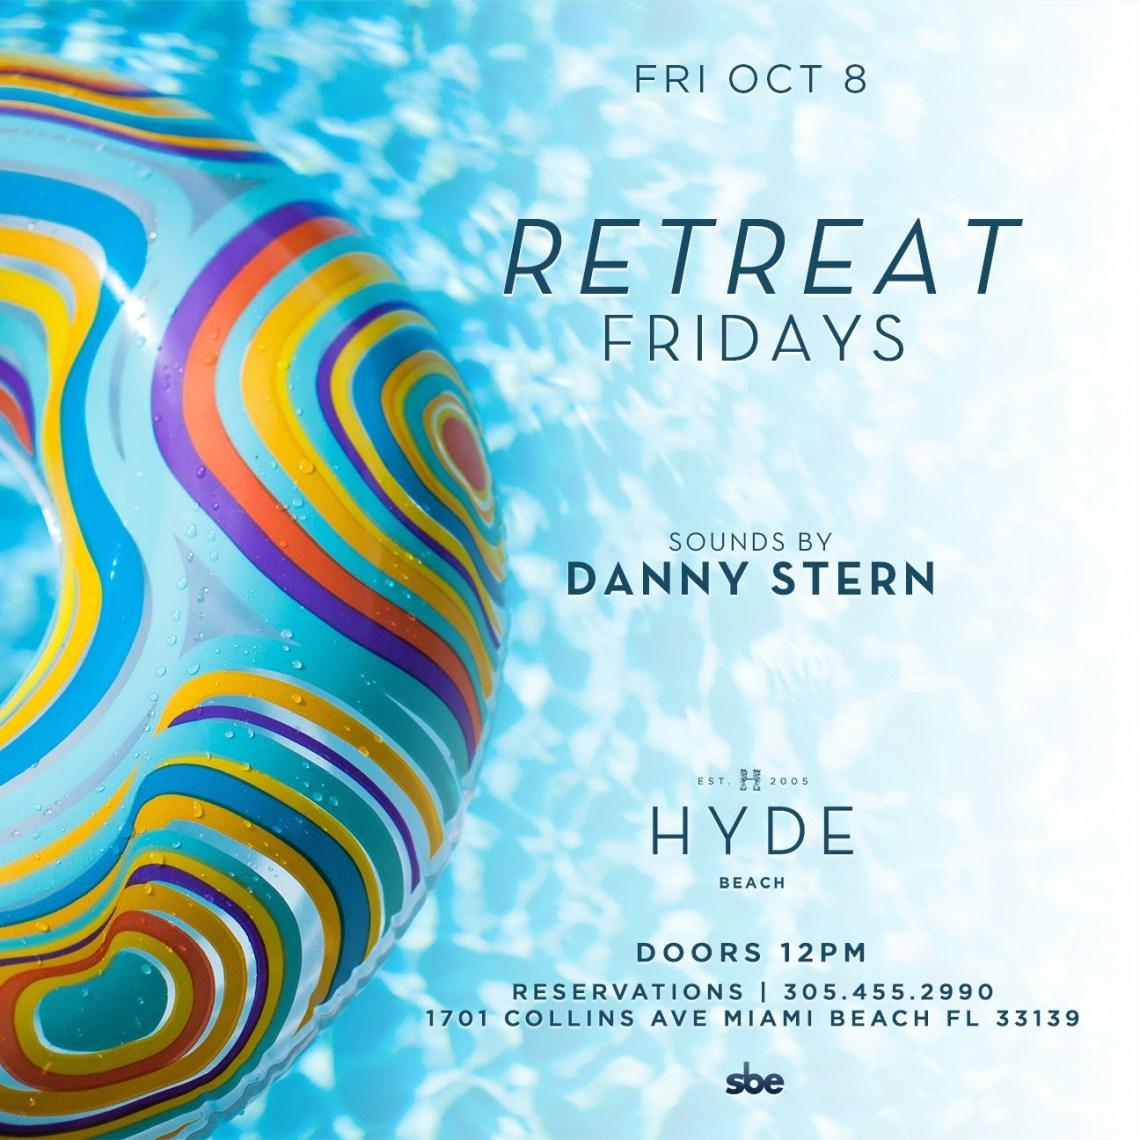 Retreat Fridays at SLS South Beach Hyde Beach - DJ Danny Stern